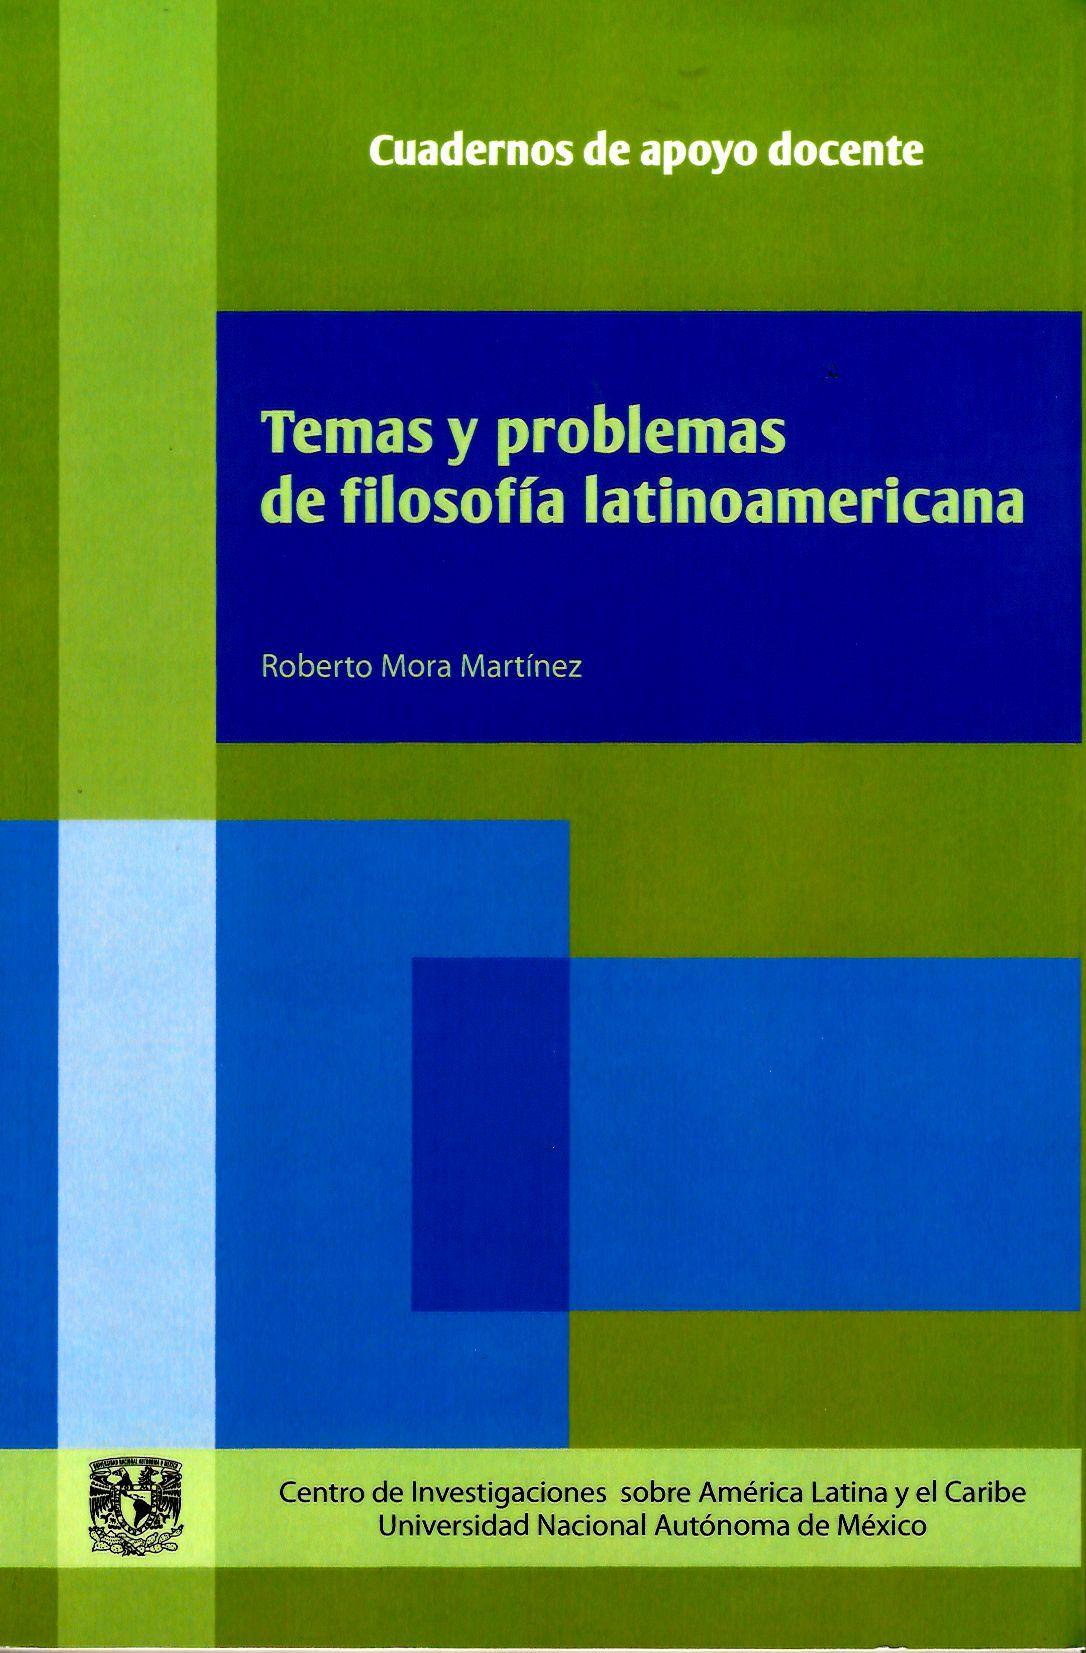 Temas y problemas de filosofía latinoamericana